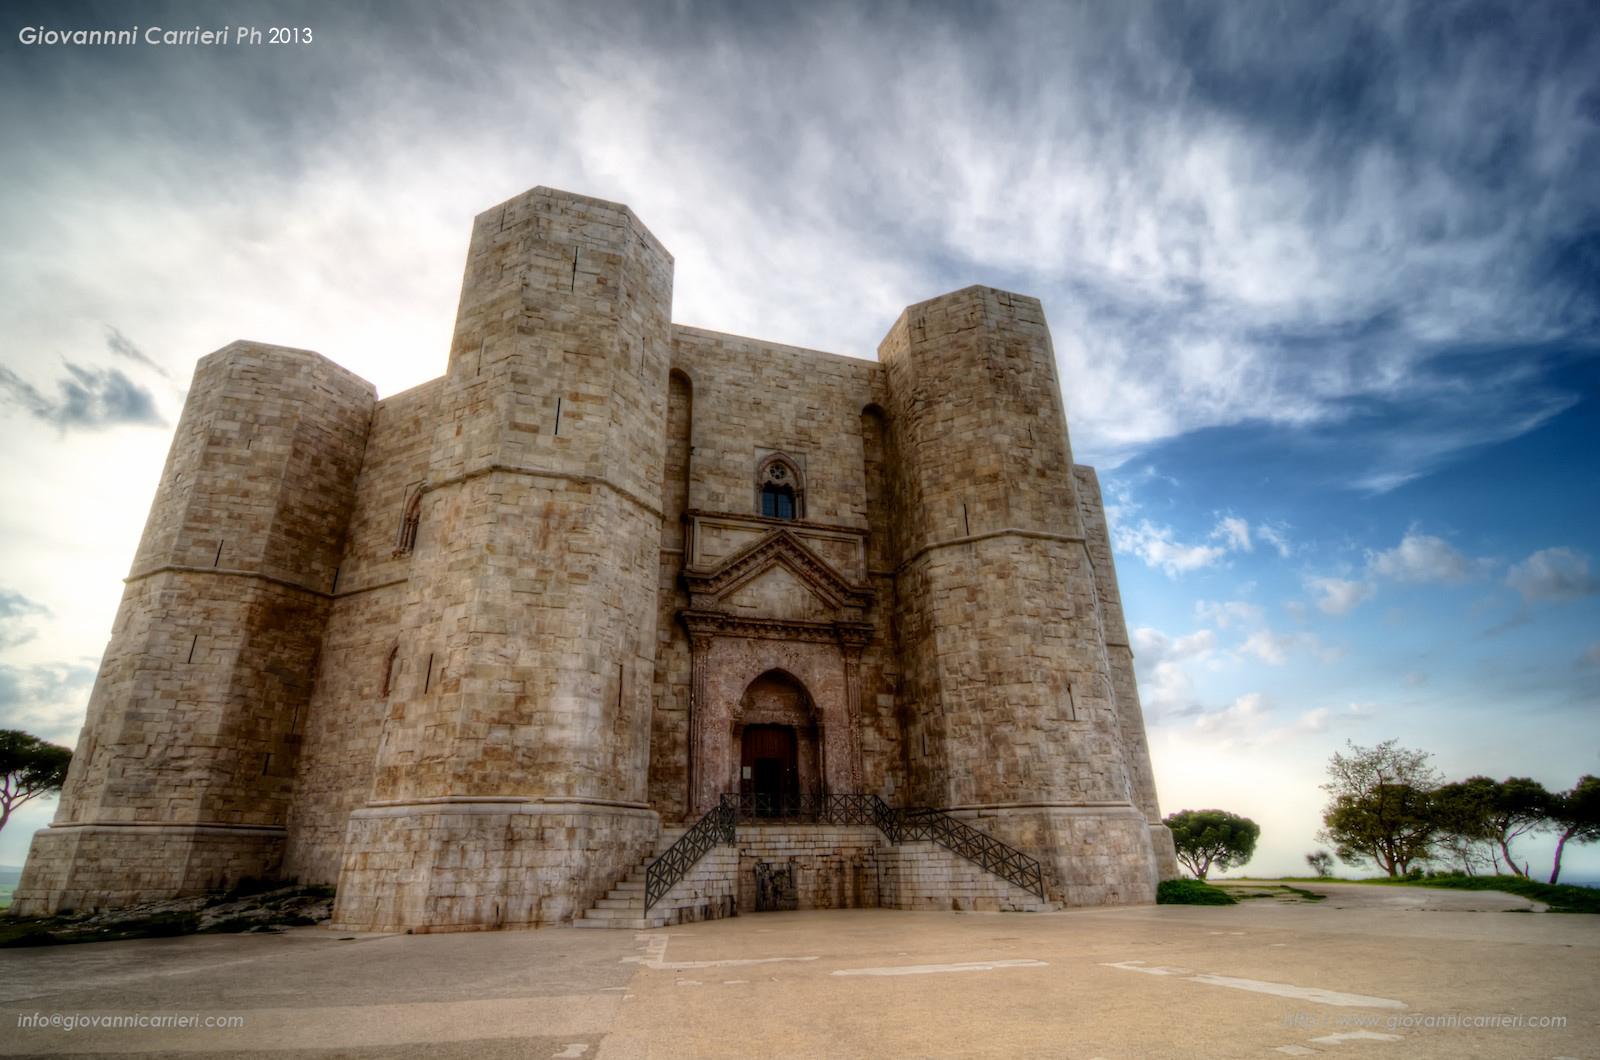 Il castello dell' Imperatore Federico II